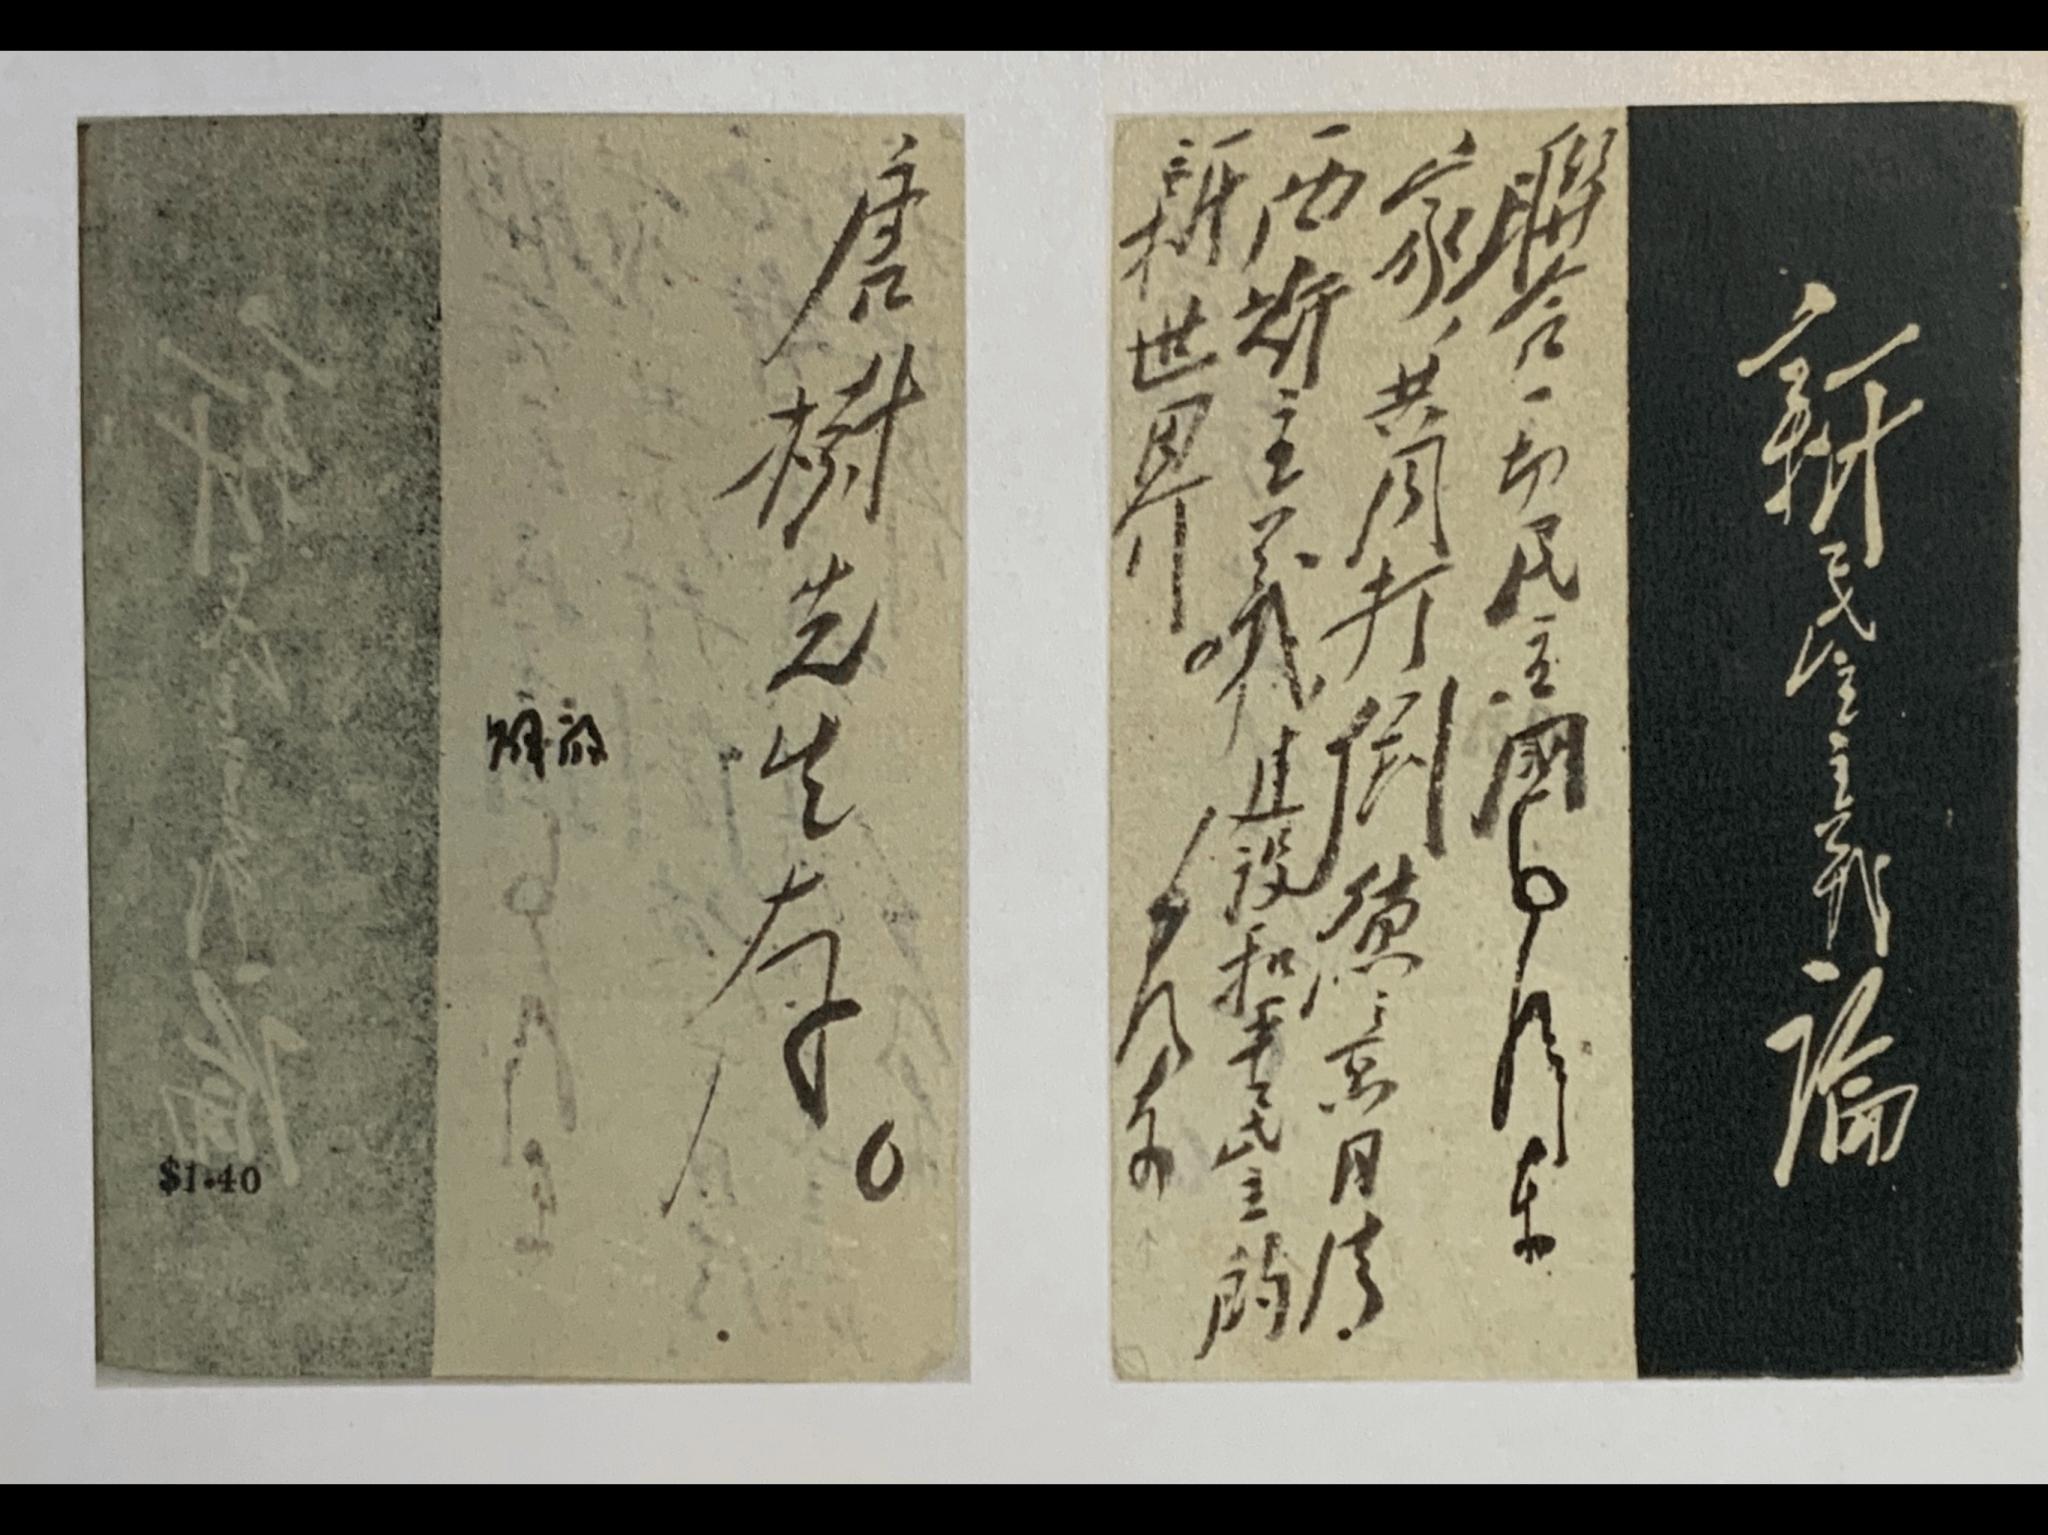 毛澤東親筆題字的《新民主主義論》,1942年初版,標價一百五十萬英鎊。